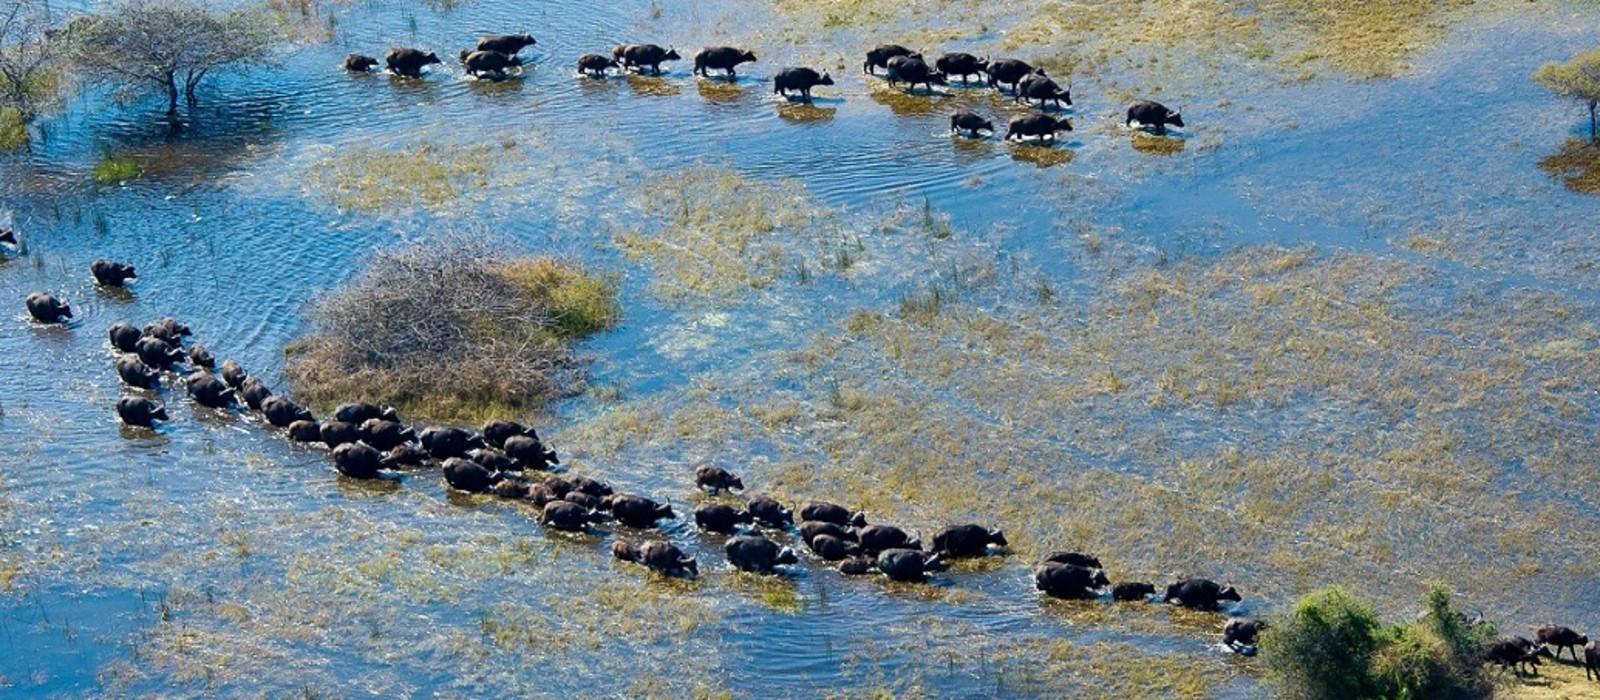 Victoriafälle, Safaris in Botswana und Strand auf Mauritius Urlaub 1